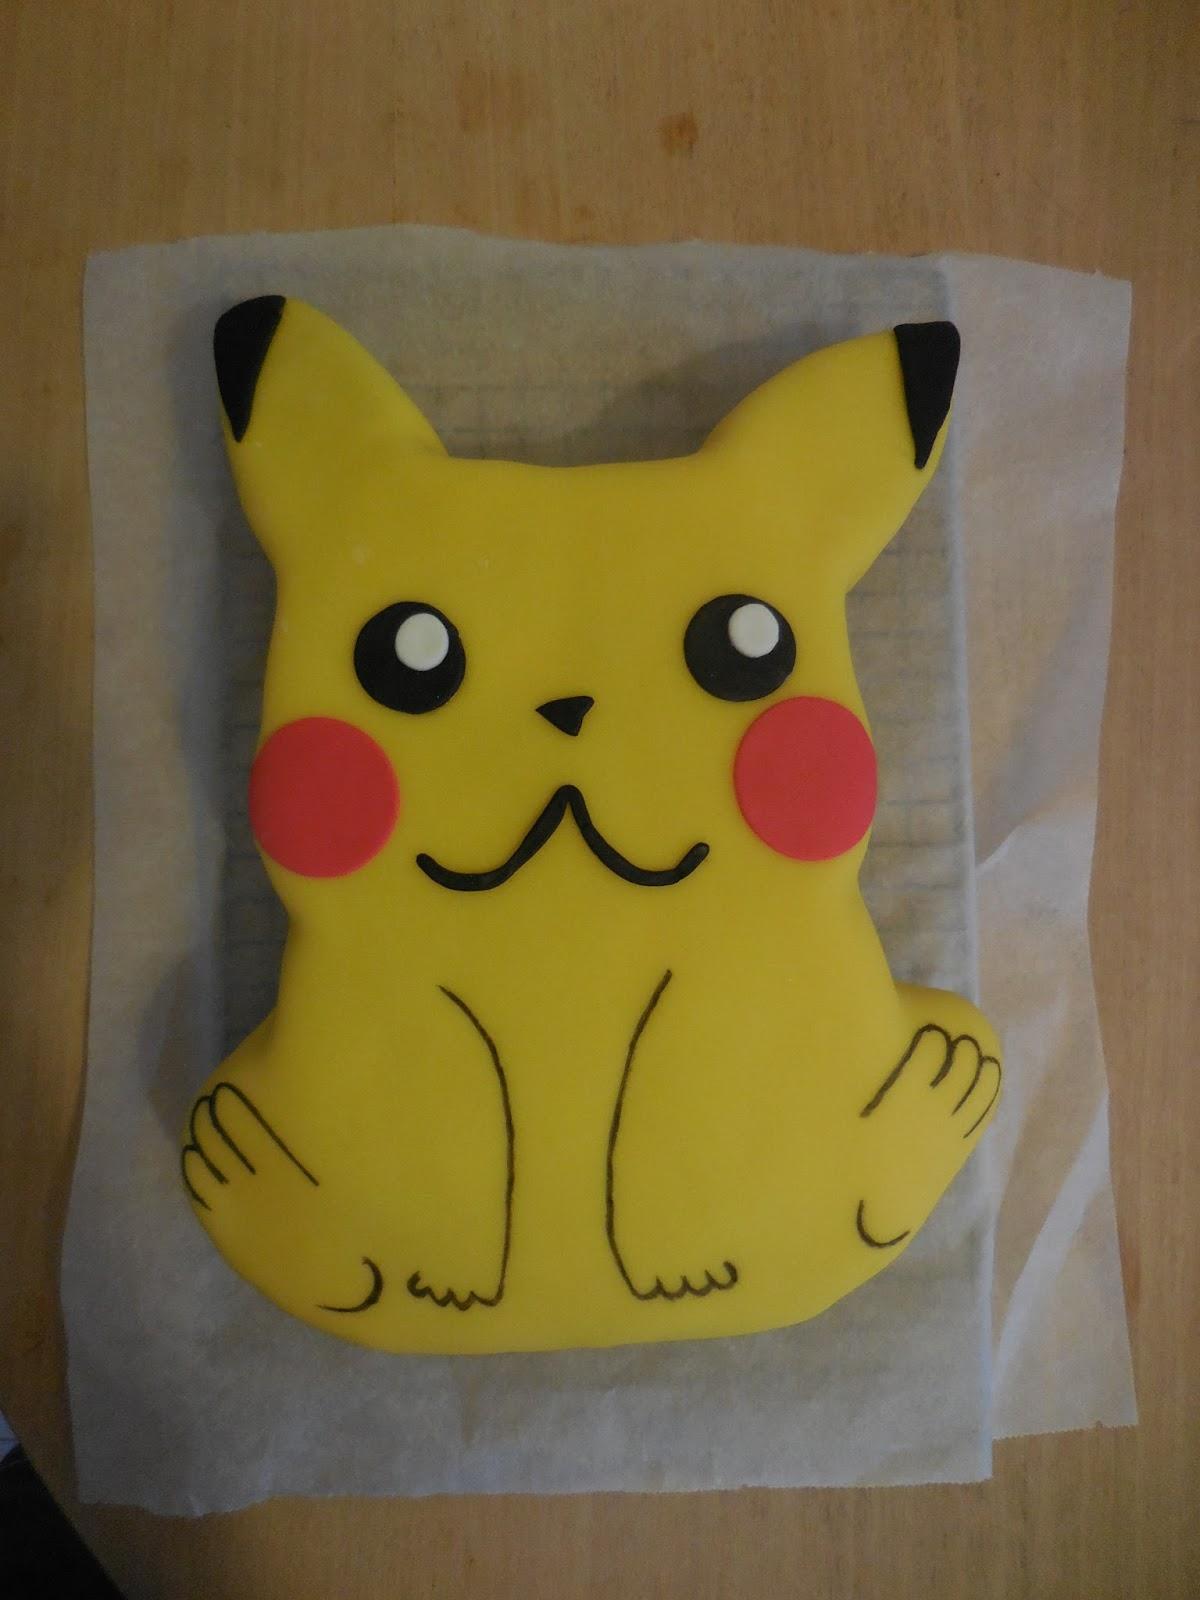 pikachu taart Conny Bakes: Pikachu Pokémon Taart voor een jarige job! pikachu taart